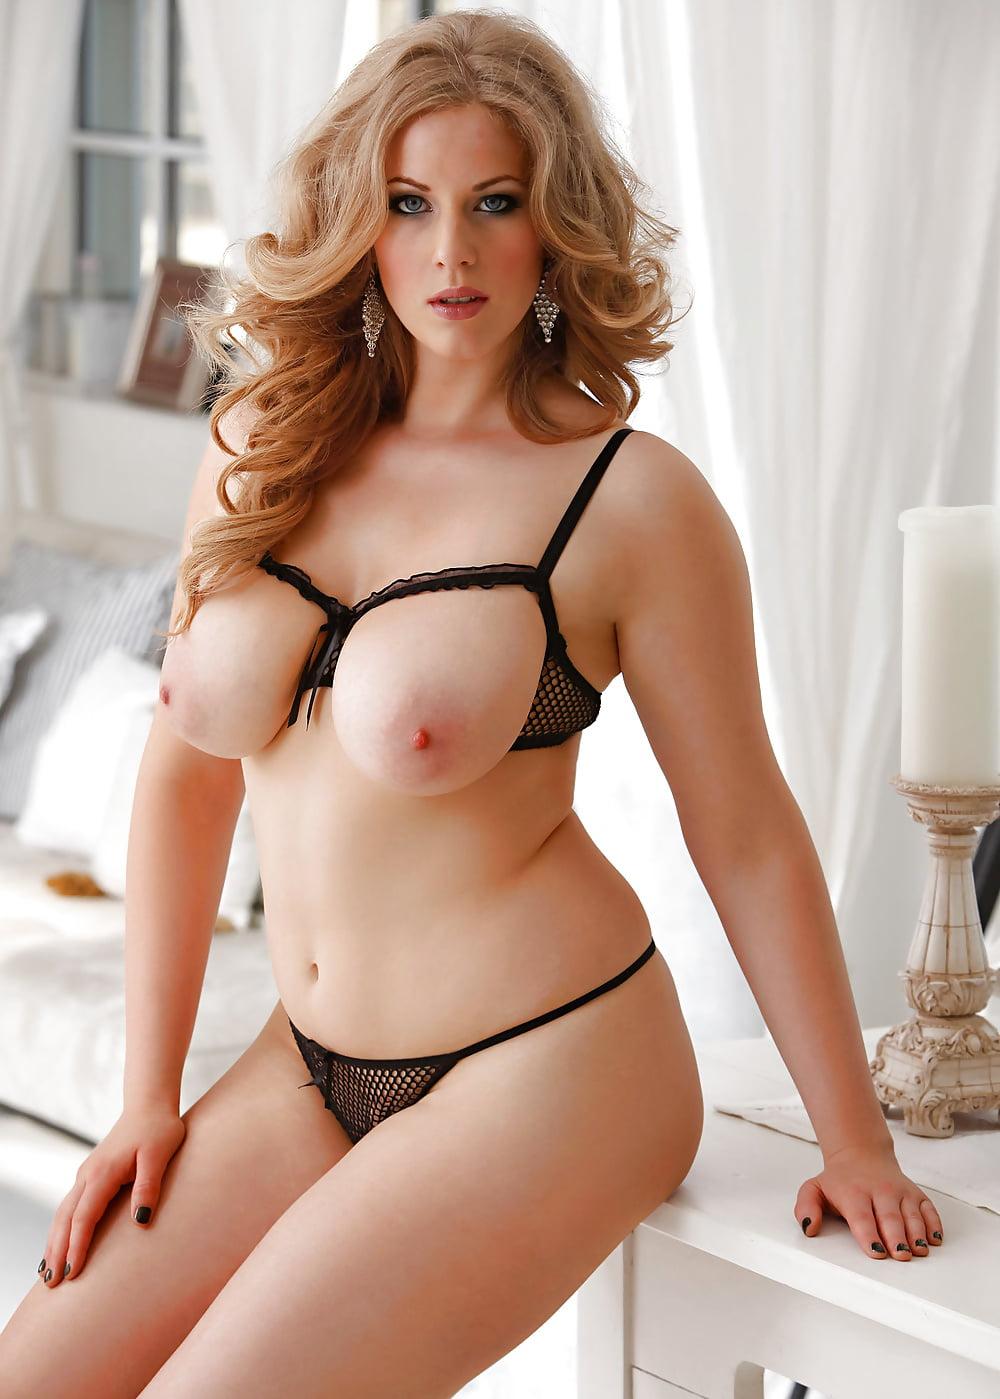 Busty women in lingerie galleries